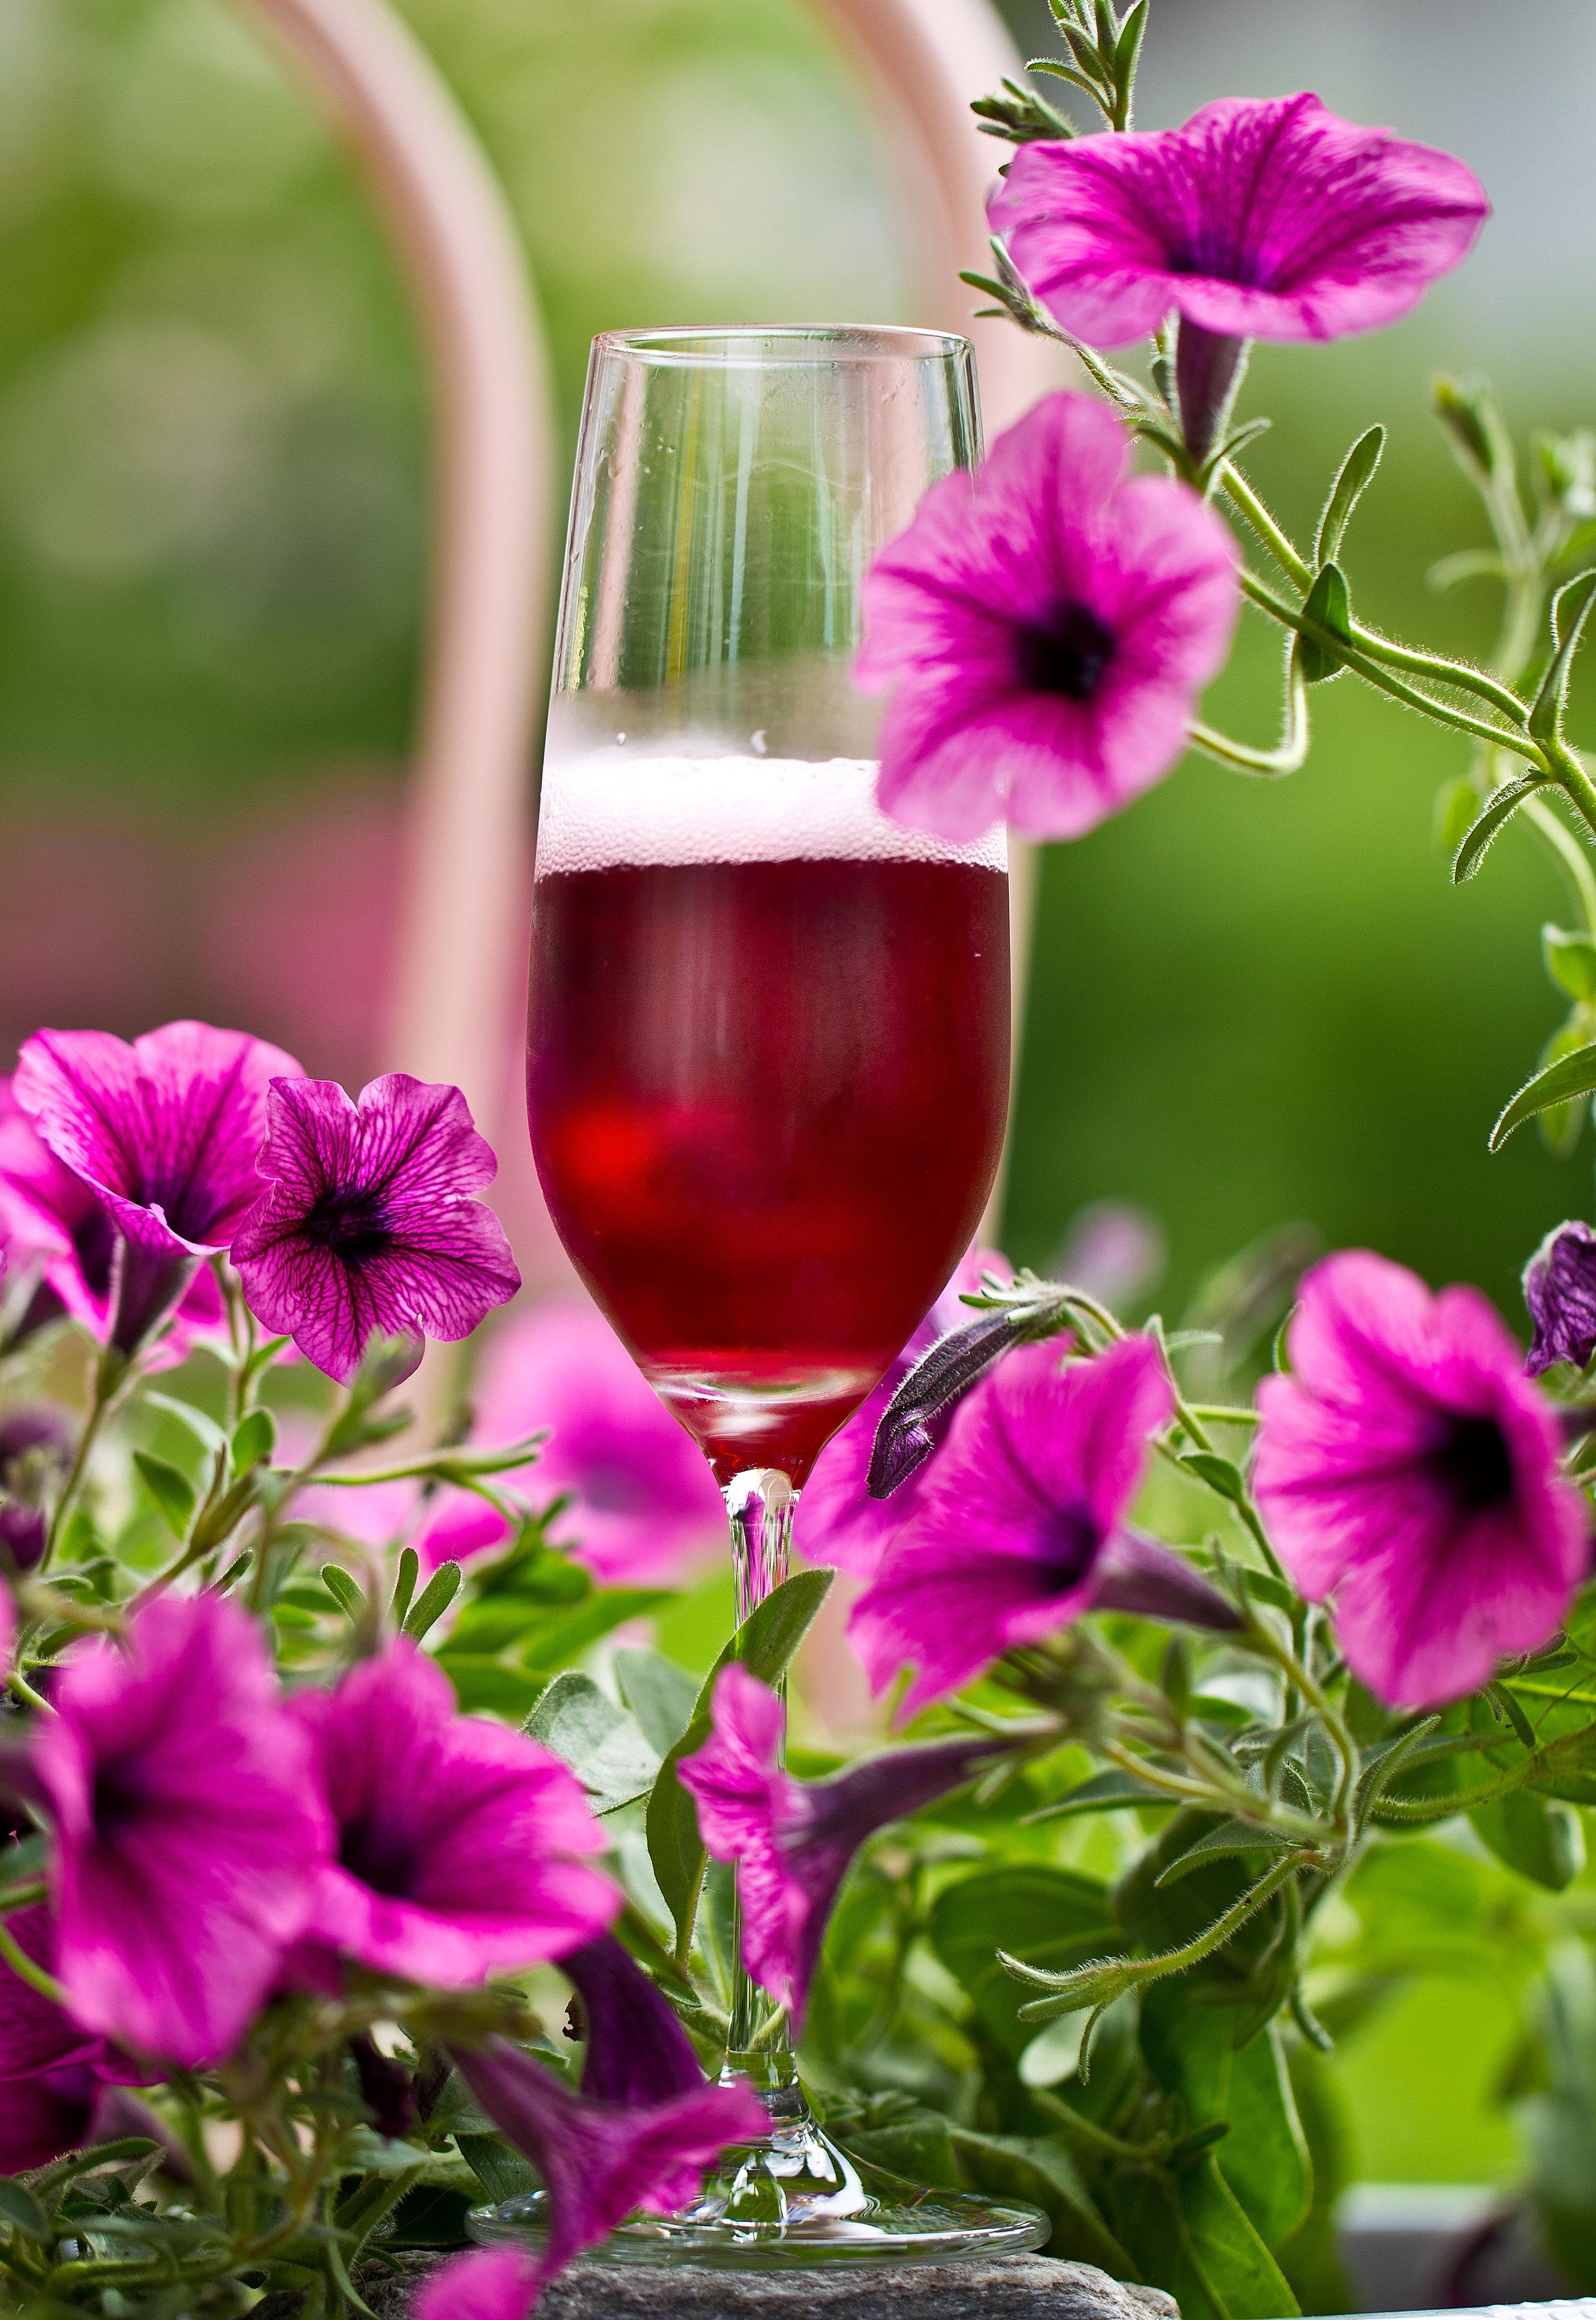 Secco Frizzante rosé RABOROSA - Sinnlicher Genuss! Das Geheimnis dieses romantisch-fruchtigen Rosé ist die sehr rustikale und ursprüngliche Rebsorte Raboso, typisch für die Region Venetiens. Die Raboso-Traube stammt aus Venetien und gedeiht dort auch am besten bis zur optimalen Reife.Die WeinherstellungGeerntet werden die Raboso-Trauben gegen Ende September. Die Schale bleibt mit dem Traubenmost im Kontakt. Dadurch entsteht die intensive faszinierende Farbe.Der WeinDiese mitreißende Farbe kündigt die fruchtige Duftnote des Weines an. Die gute Säurestruktur gewährleistet eine prickelnde Lebhaftigkeit im Gaumen und bewahrt den Nachgeschmack von frischem und reifem Frühlingsobst. Optimaler Secco für die ganze Mahlzeit, aber auch für sich alleine genossen.Empfohlene Trinktemperatur: 8-10° C.Alkohol Vol.: 11,0 %